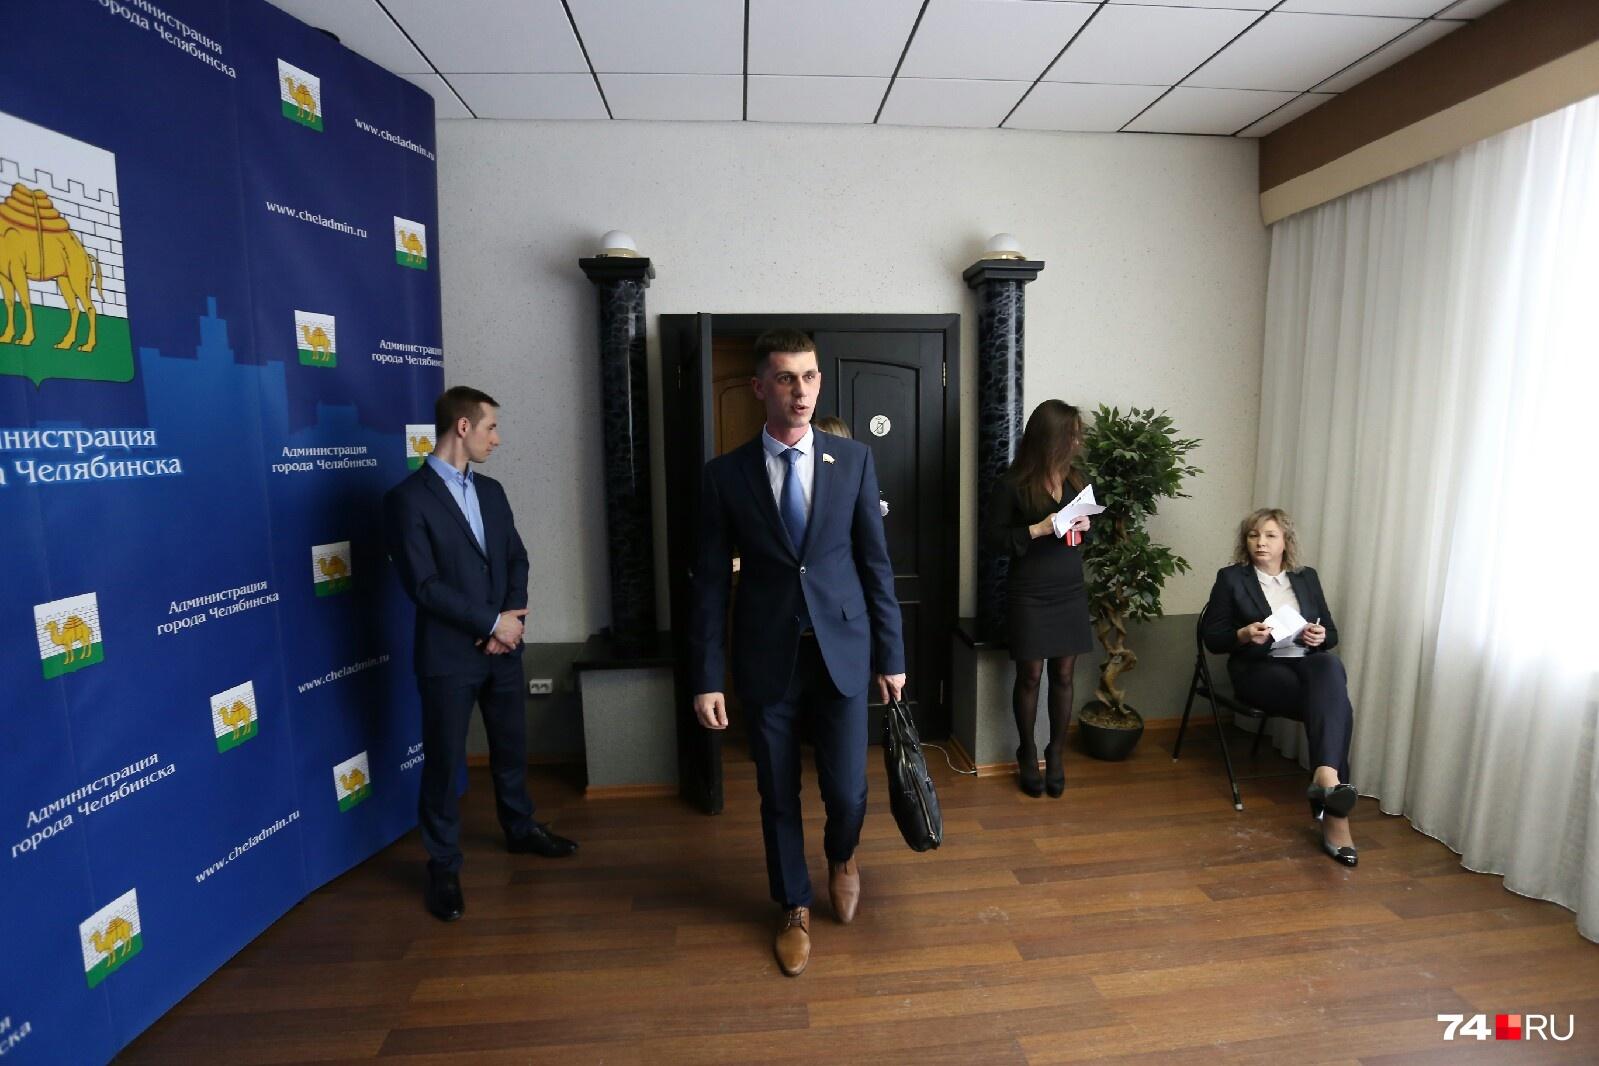 Андрей Самохвалов — помощник депутата Госдумы — не смог ответить на многие вопросы